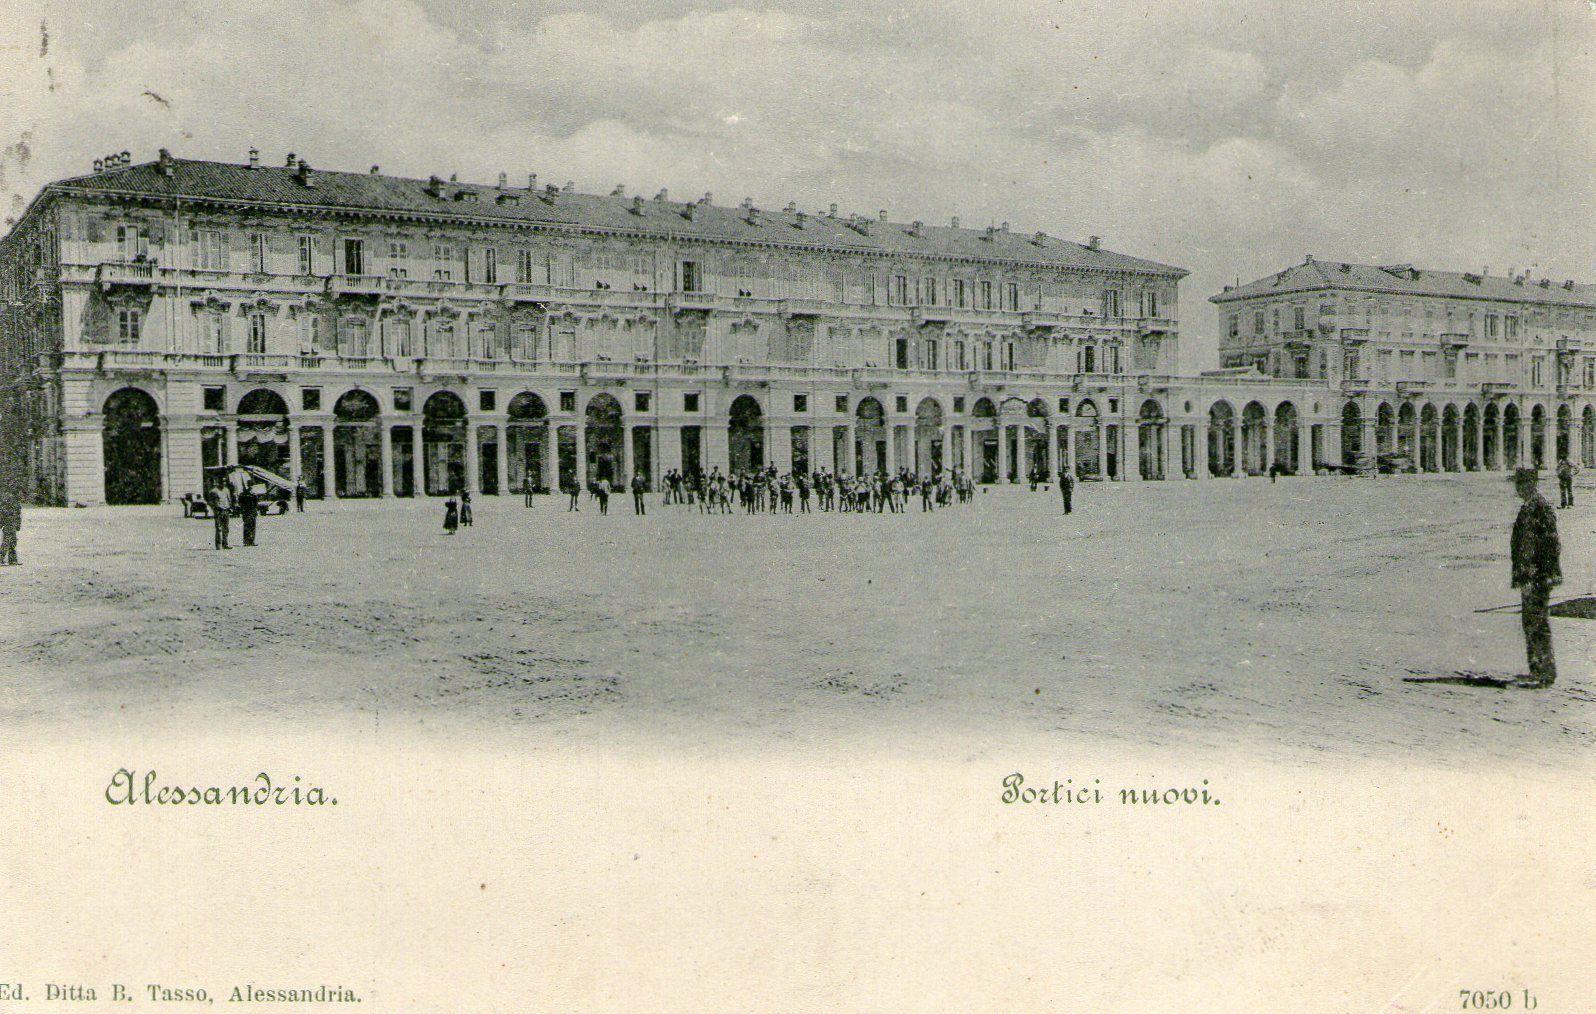 Alessandria - Portici nuovi